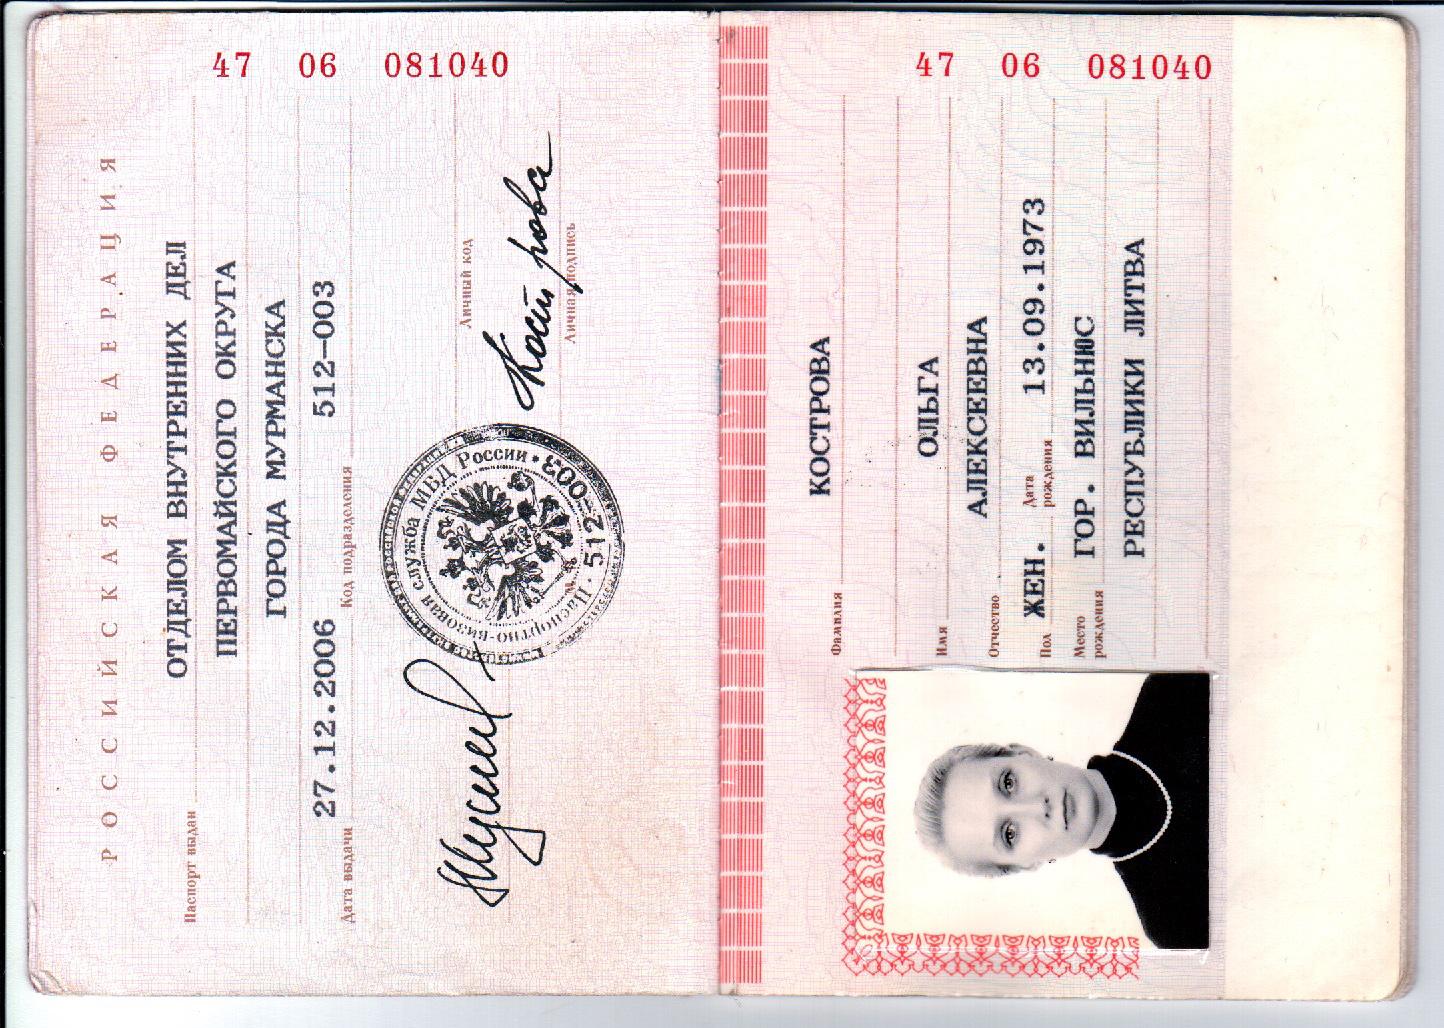 Мастер класс: обложка для паспорта своими руками 92